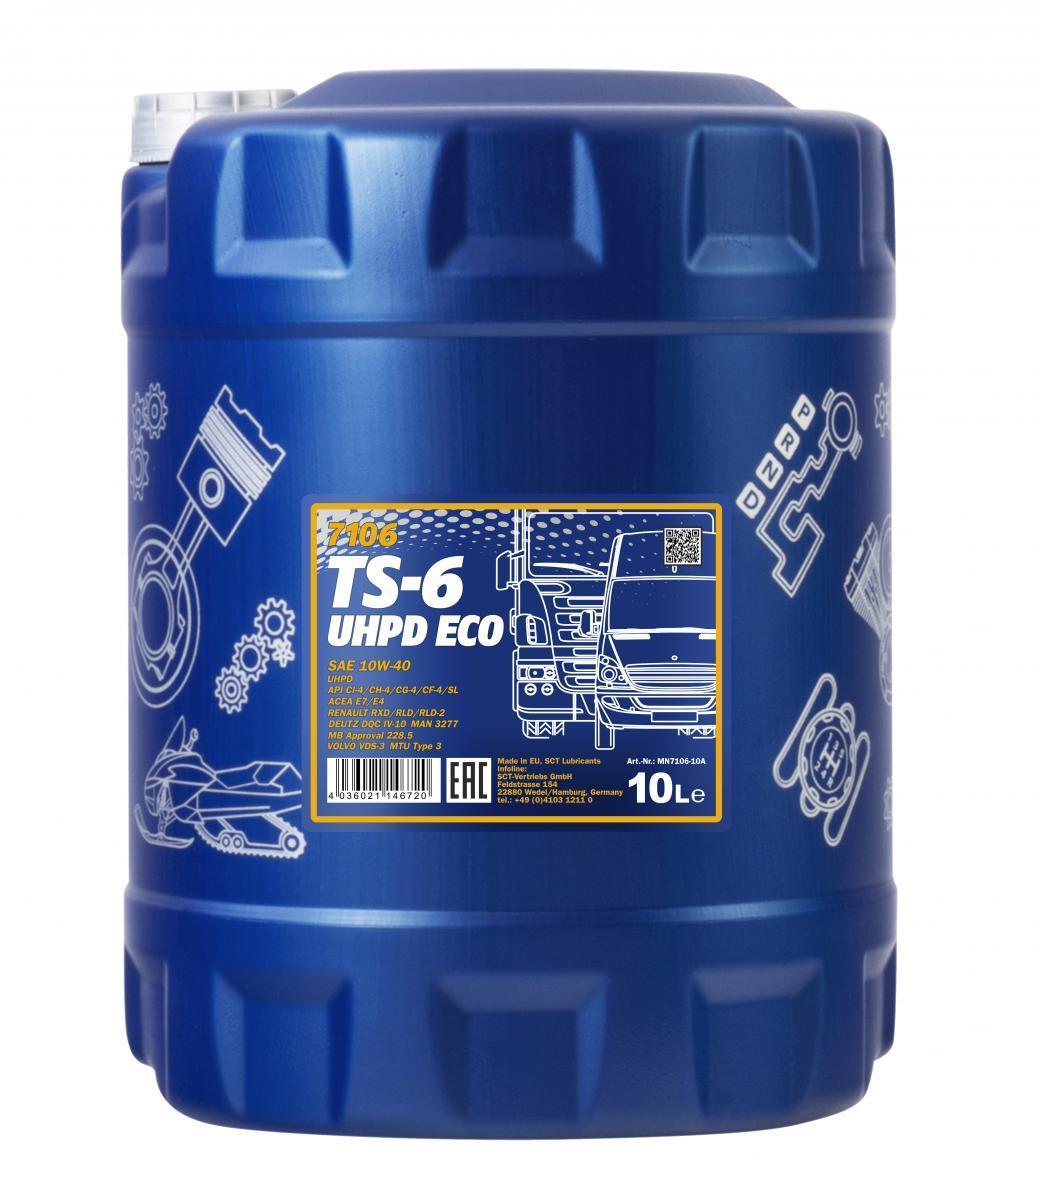 MN7106-10 MANNOL TS-6, UHPD Eco 10W-40, 10l Motoröl MN7106-10 günstig kaufen